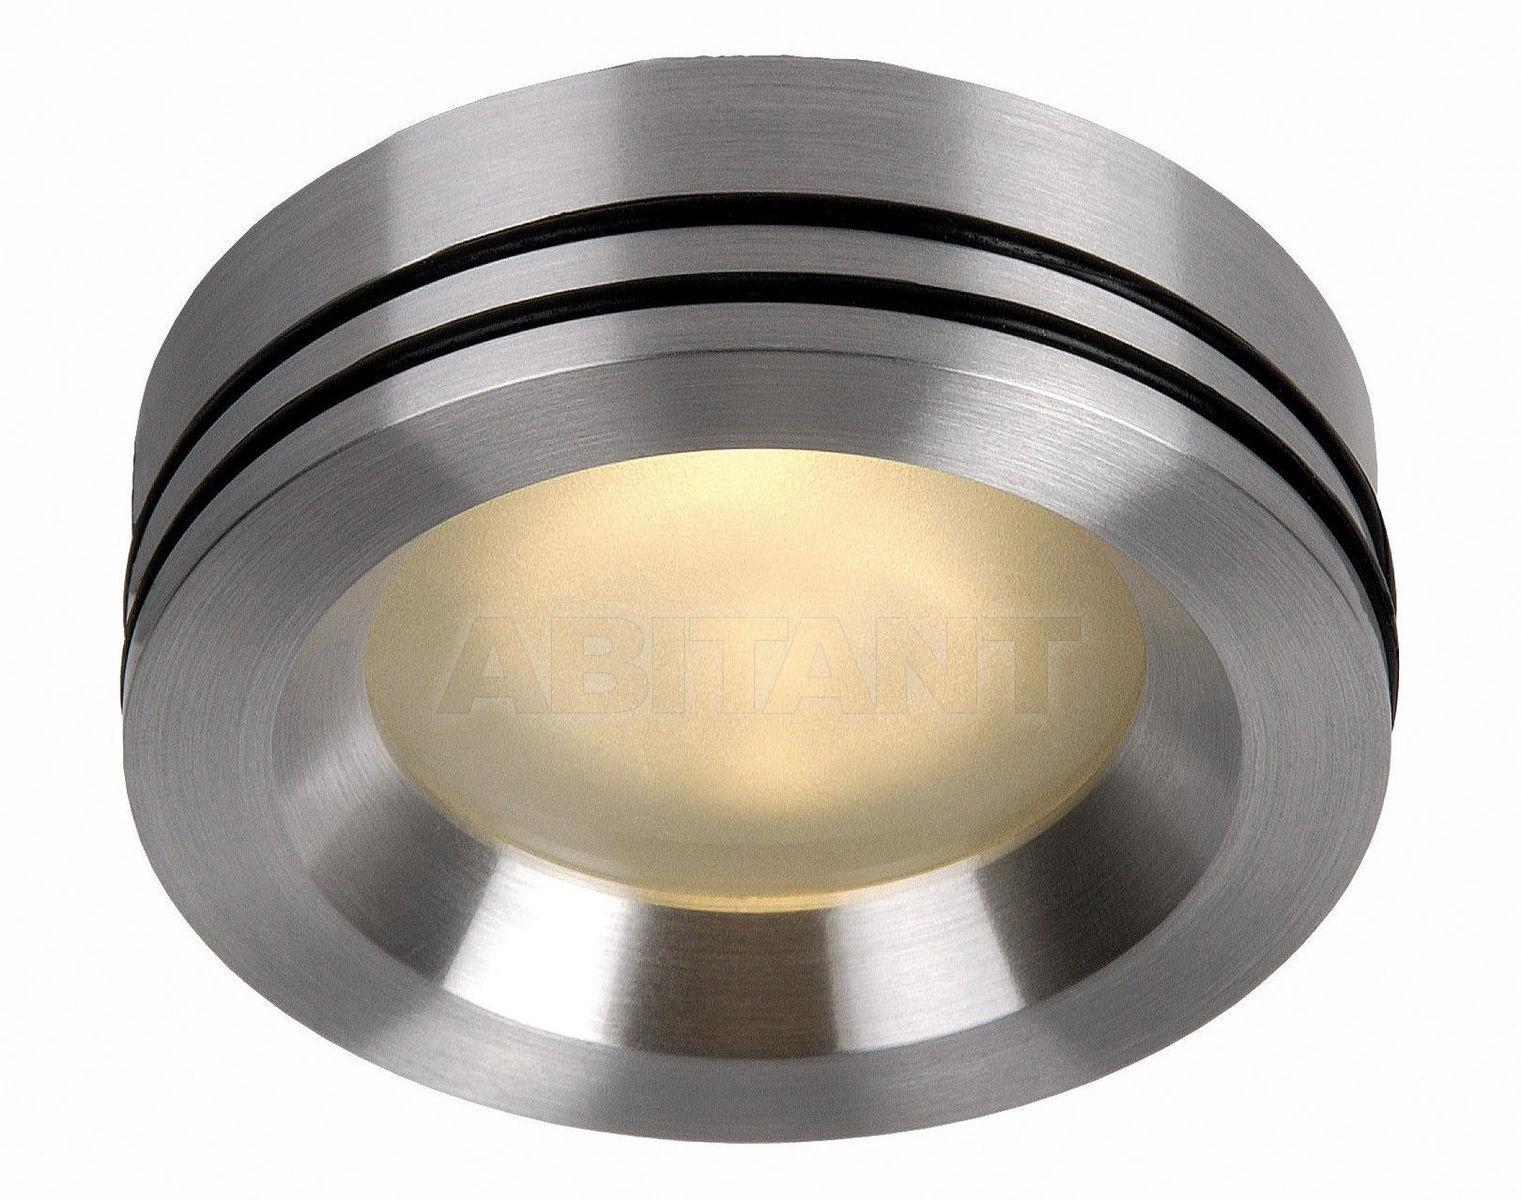 Купить Встраиваемый светильник SHOWERLIGHT Lucide  Bathroom 17981/01/12